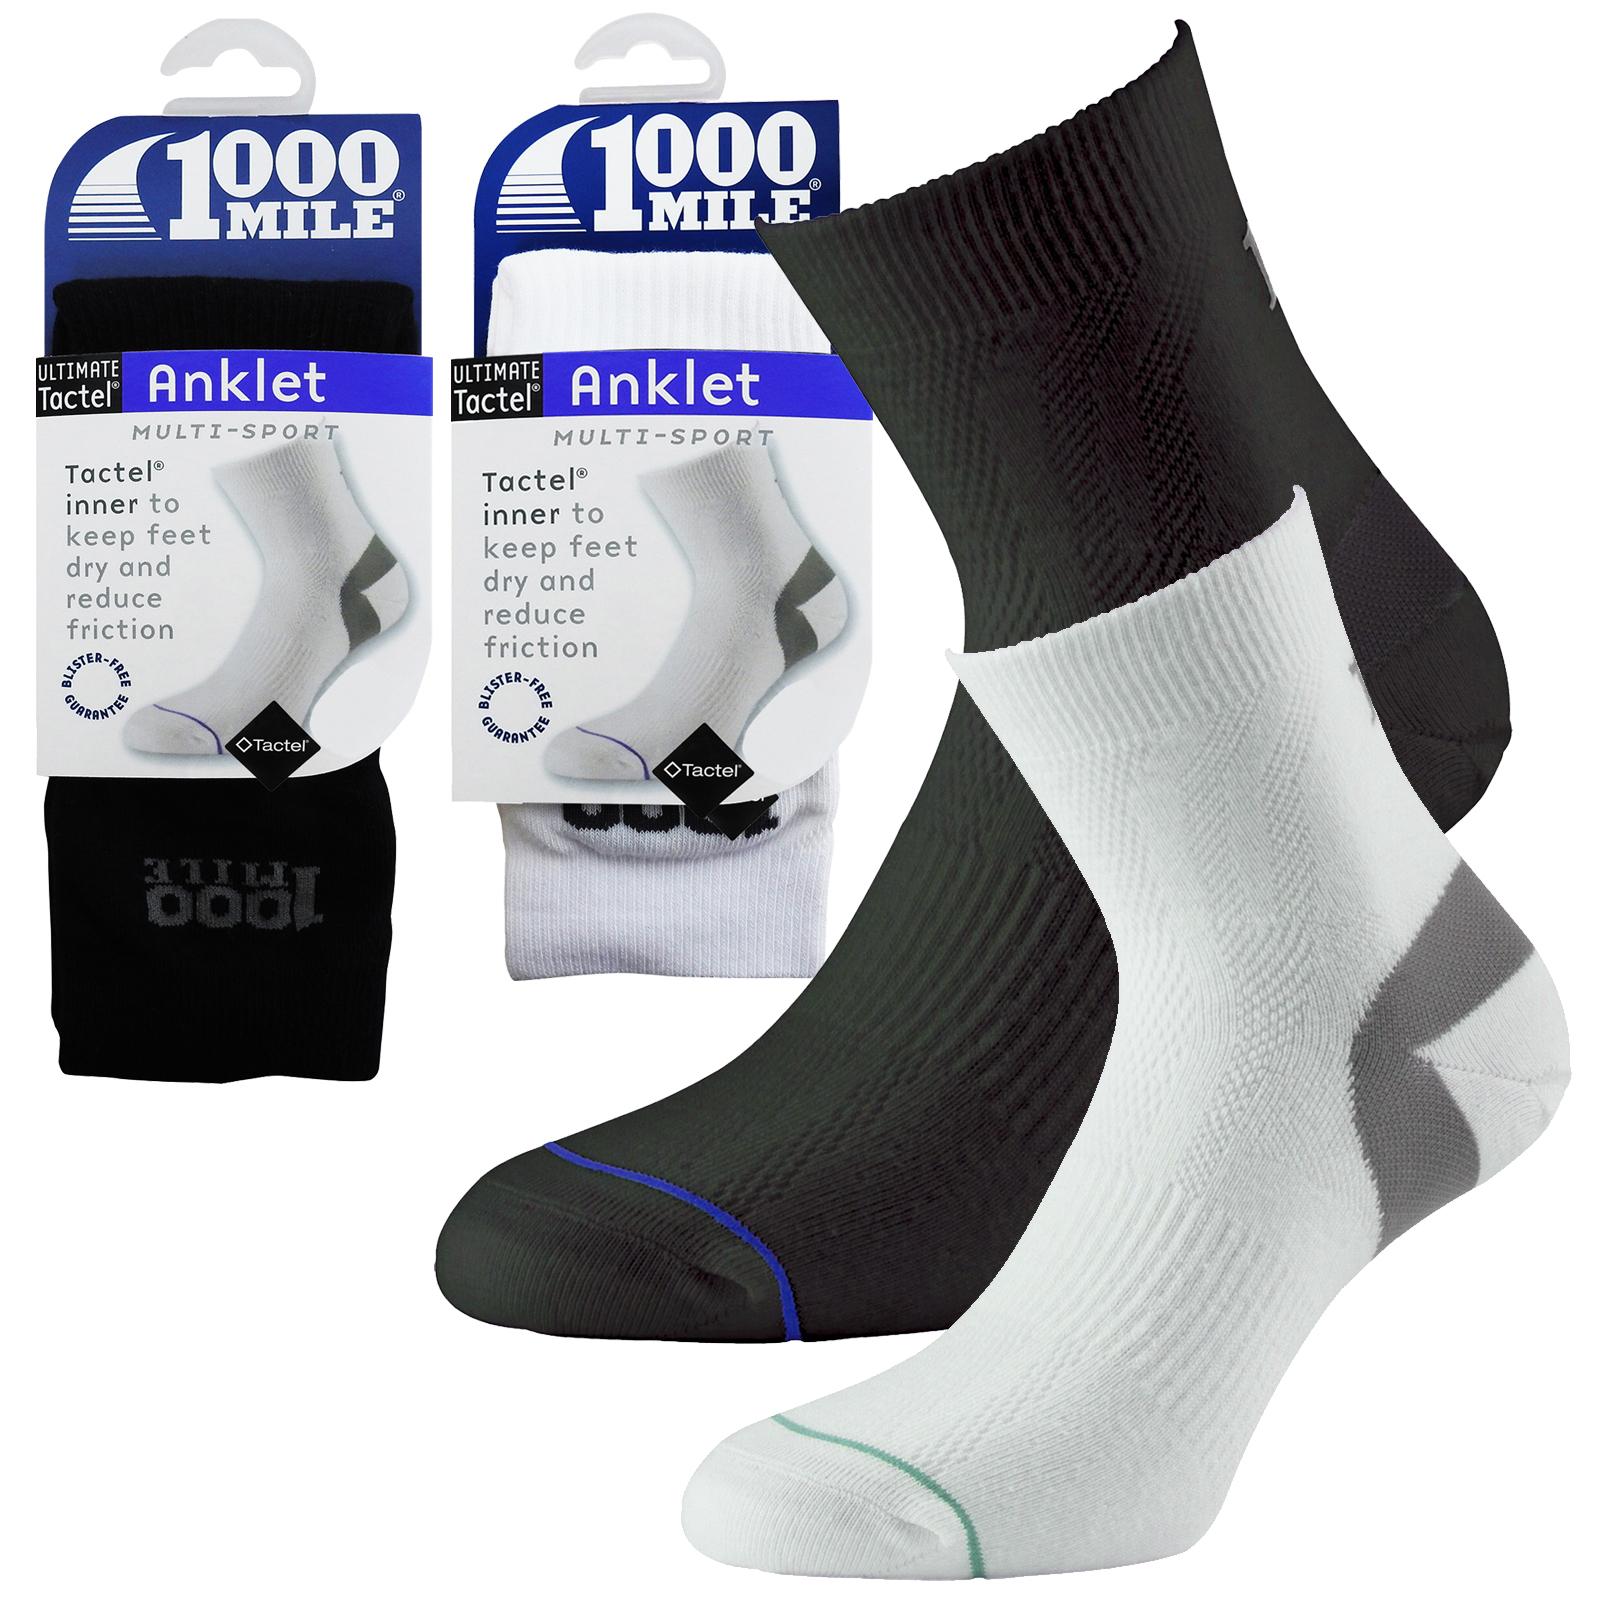 1000 Mile Mens Running Anklet Socks-Twin Pack